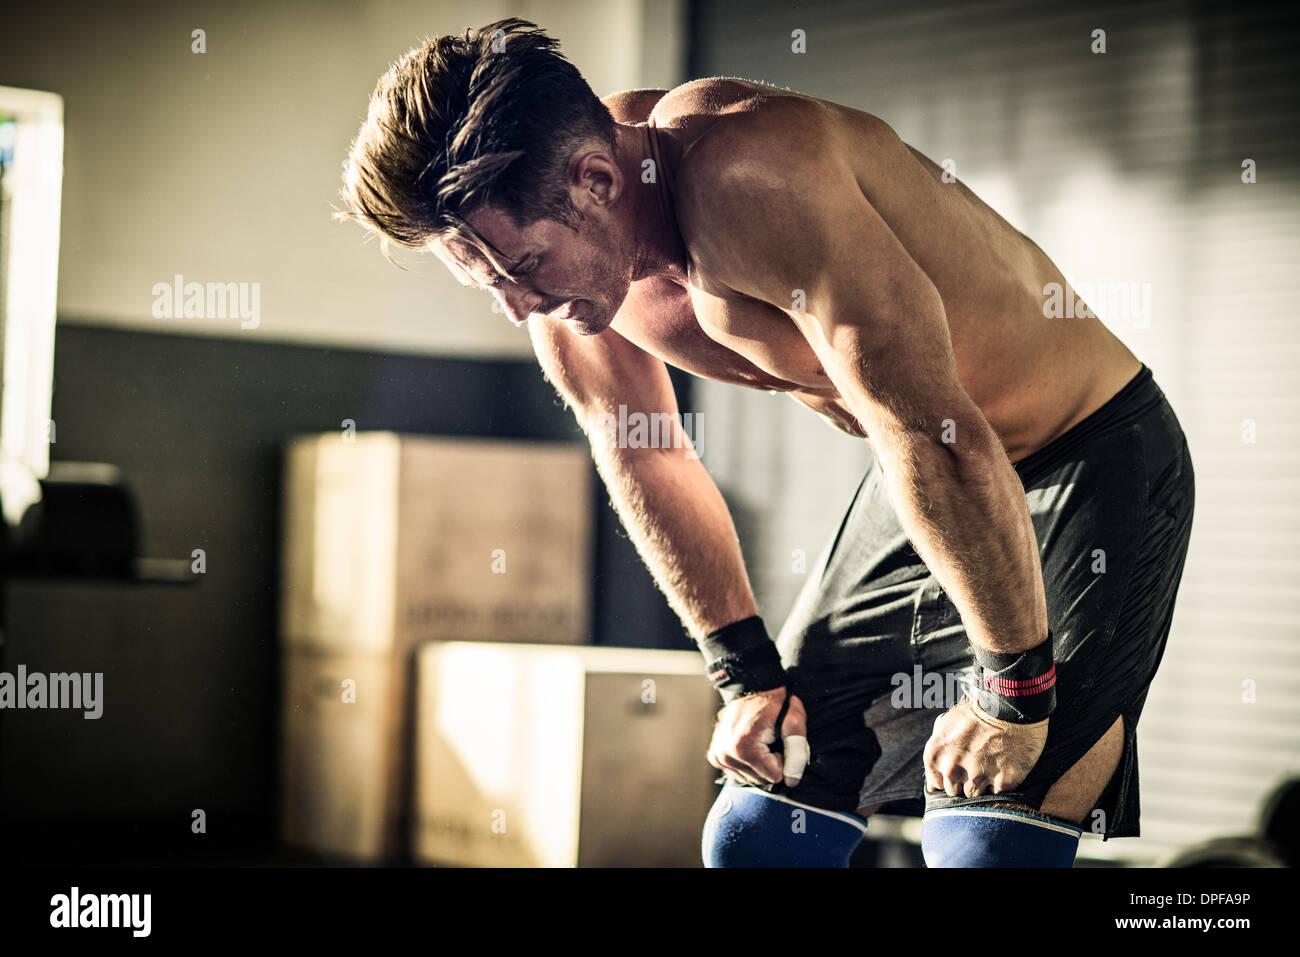 Jeune homme se pencher vers l'avant avec l'épuisement in gymnasium Photo Stock